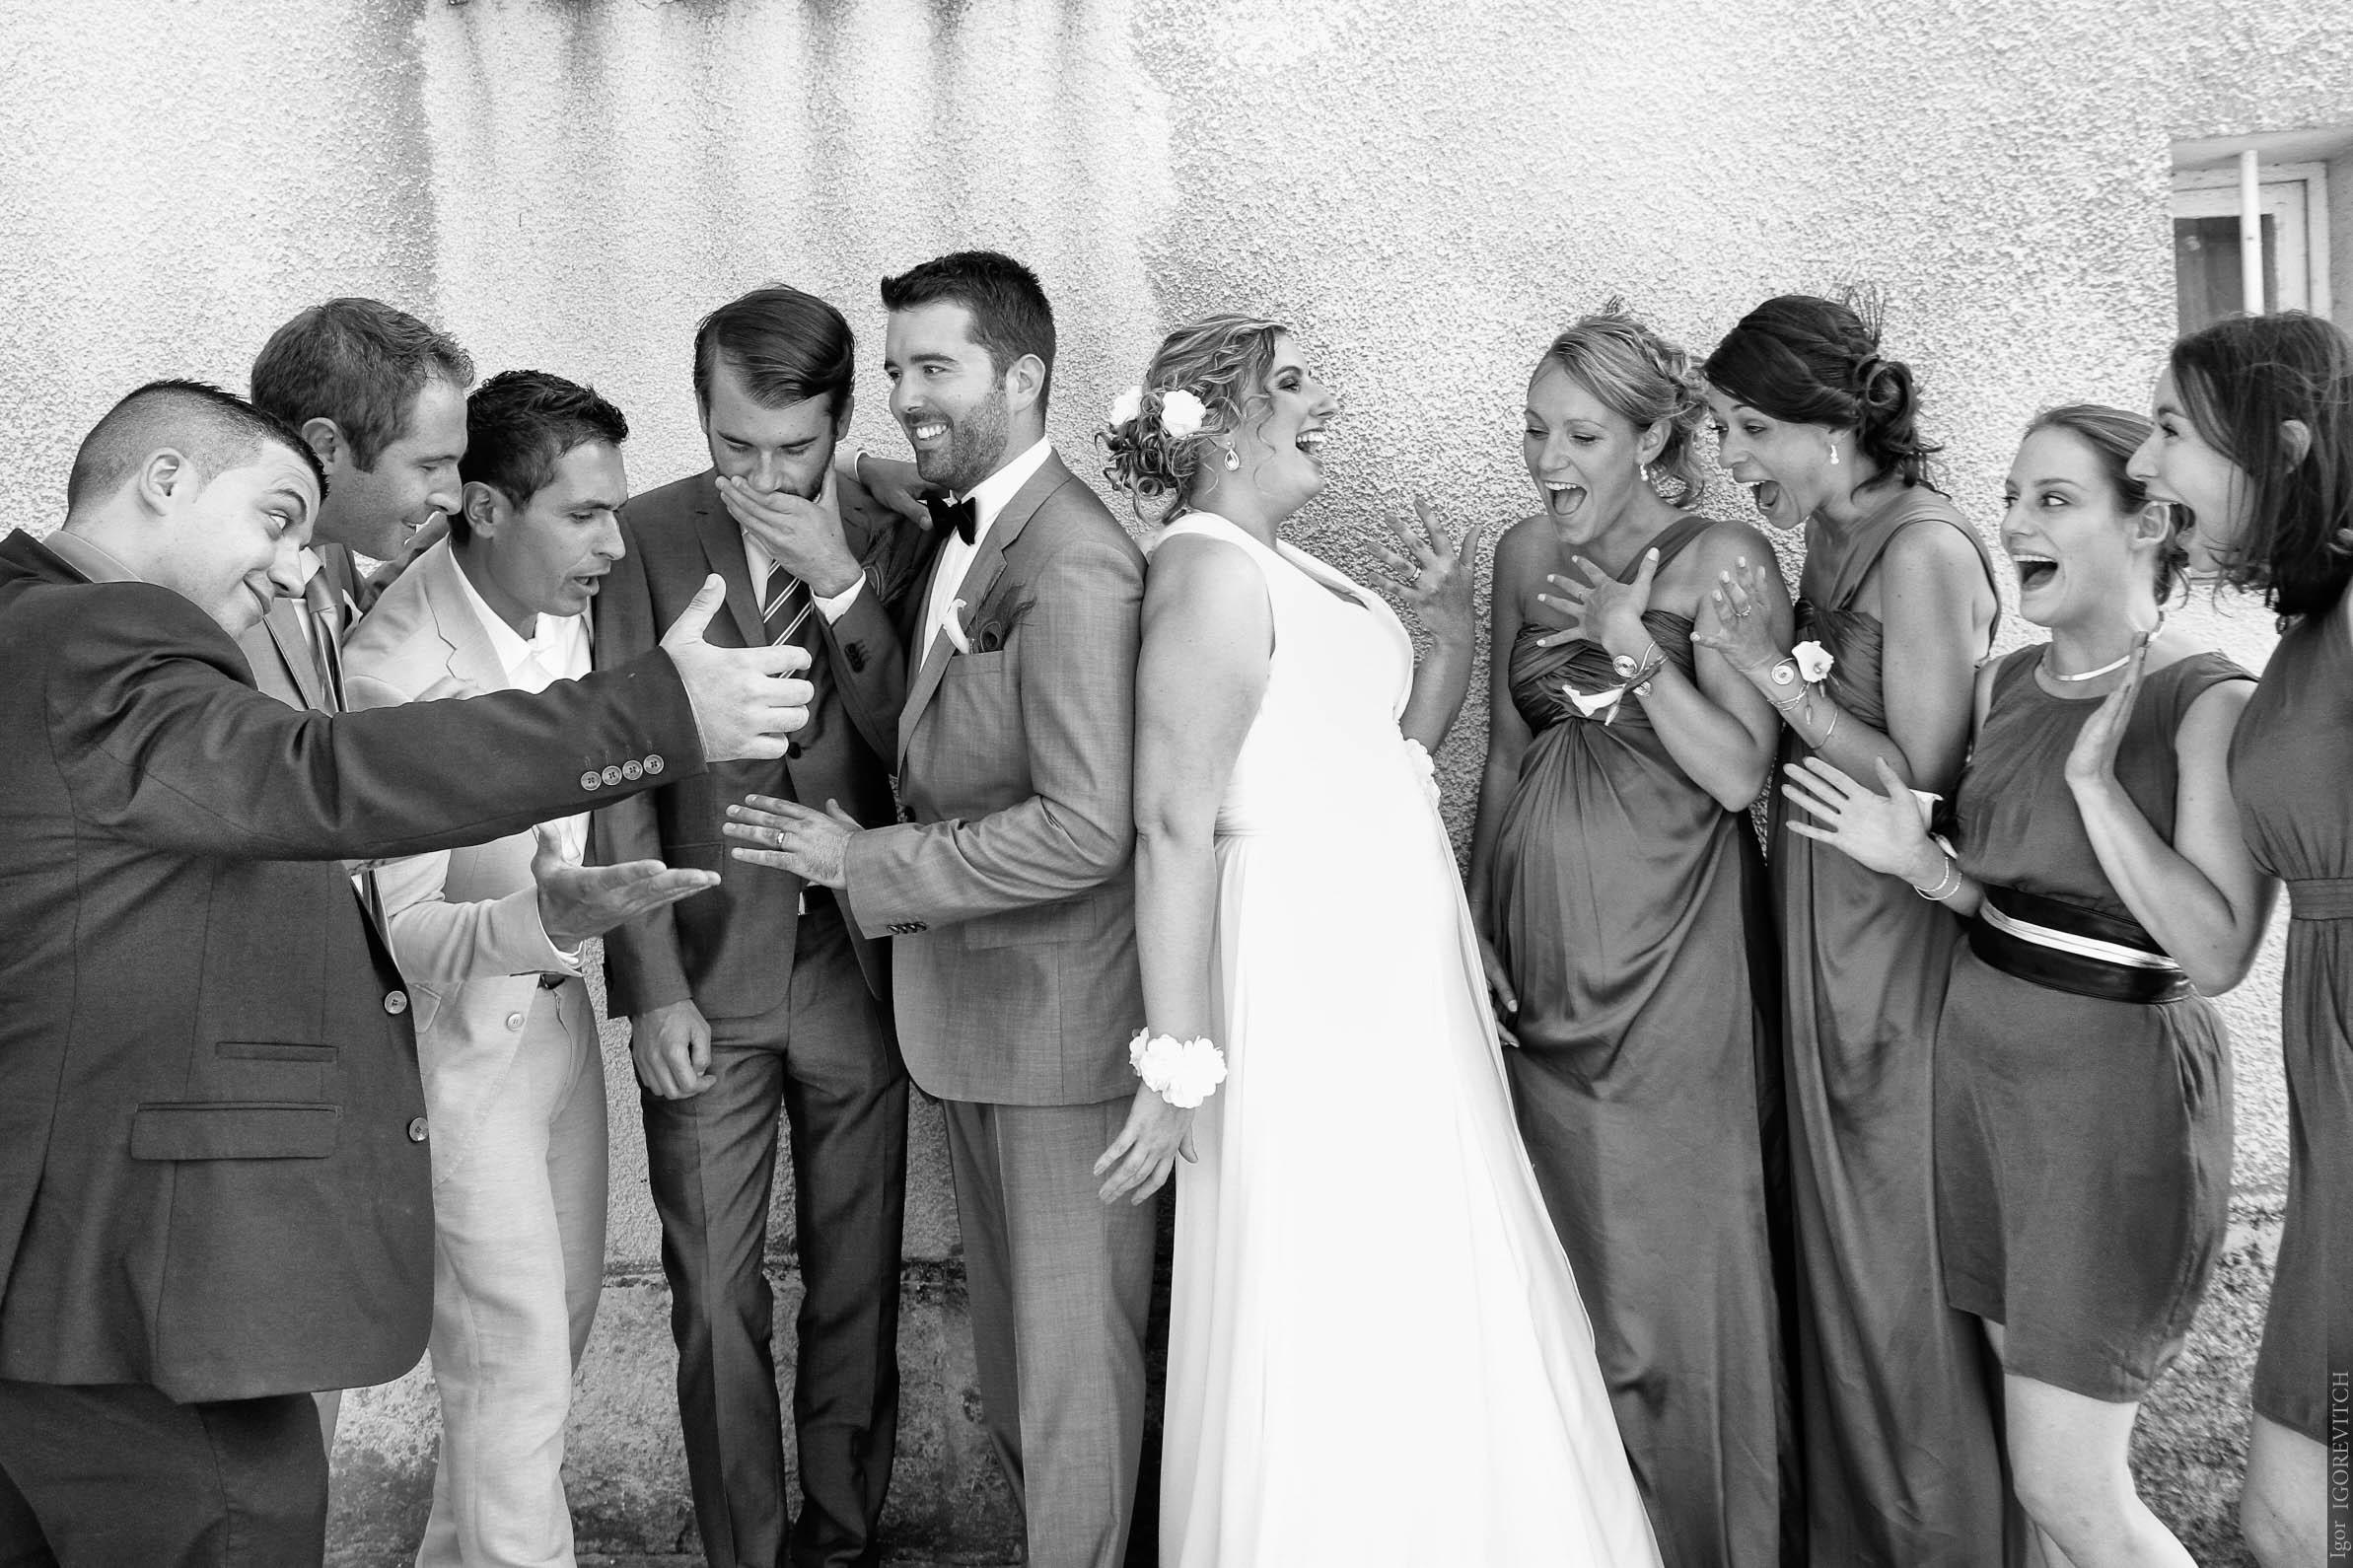 photos-de-mariage-ephemere-chic-chique-www.igosta.com_photos+7.jpg